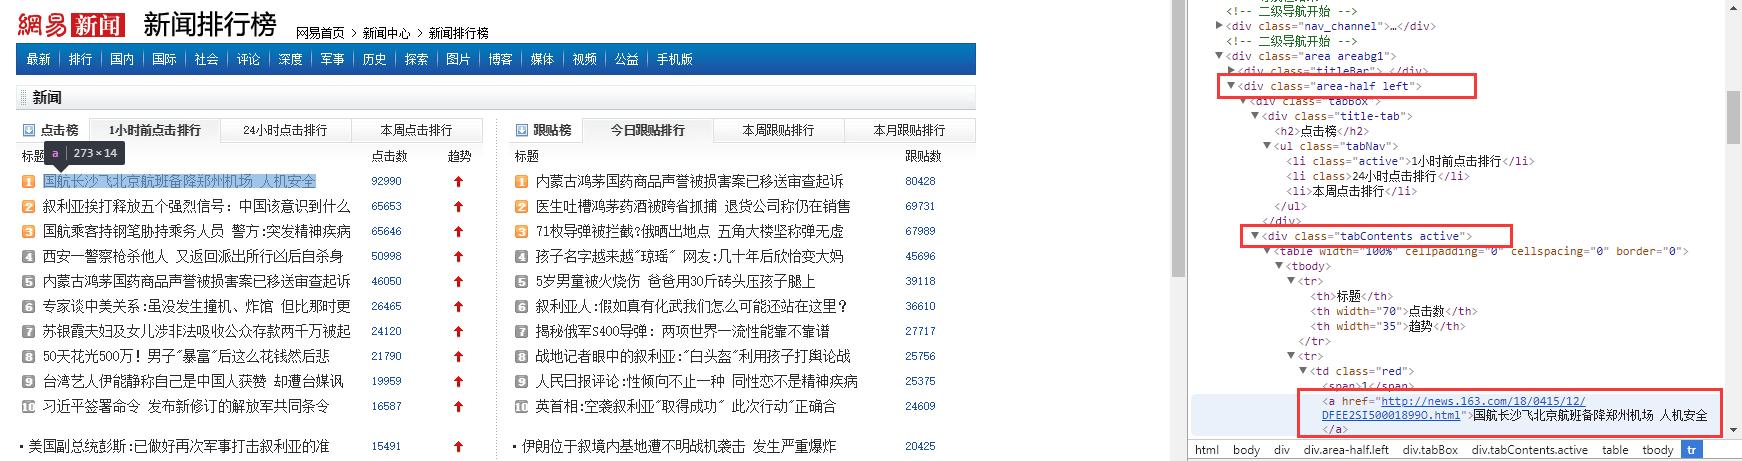 通过开发者调试工具分析网页源代码